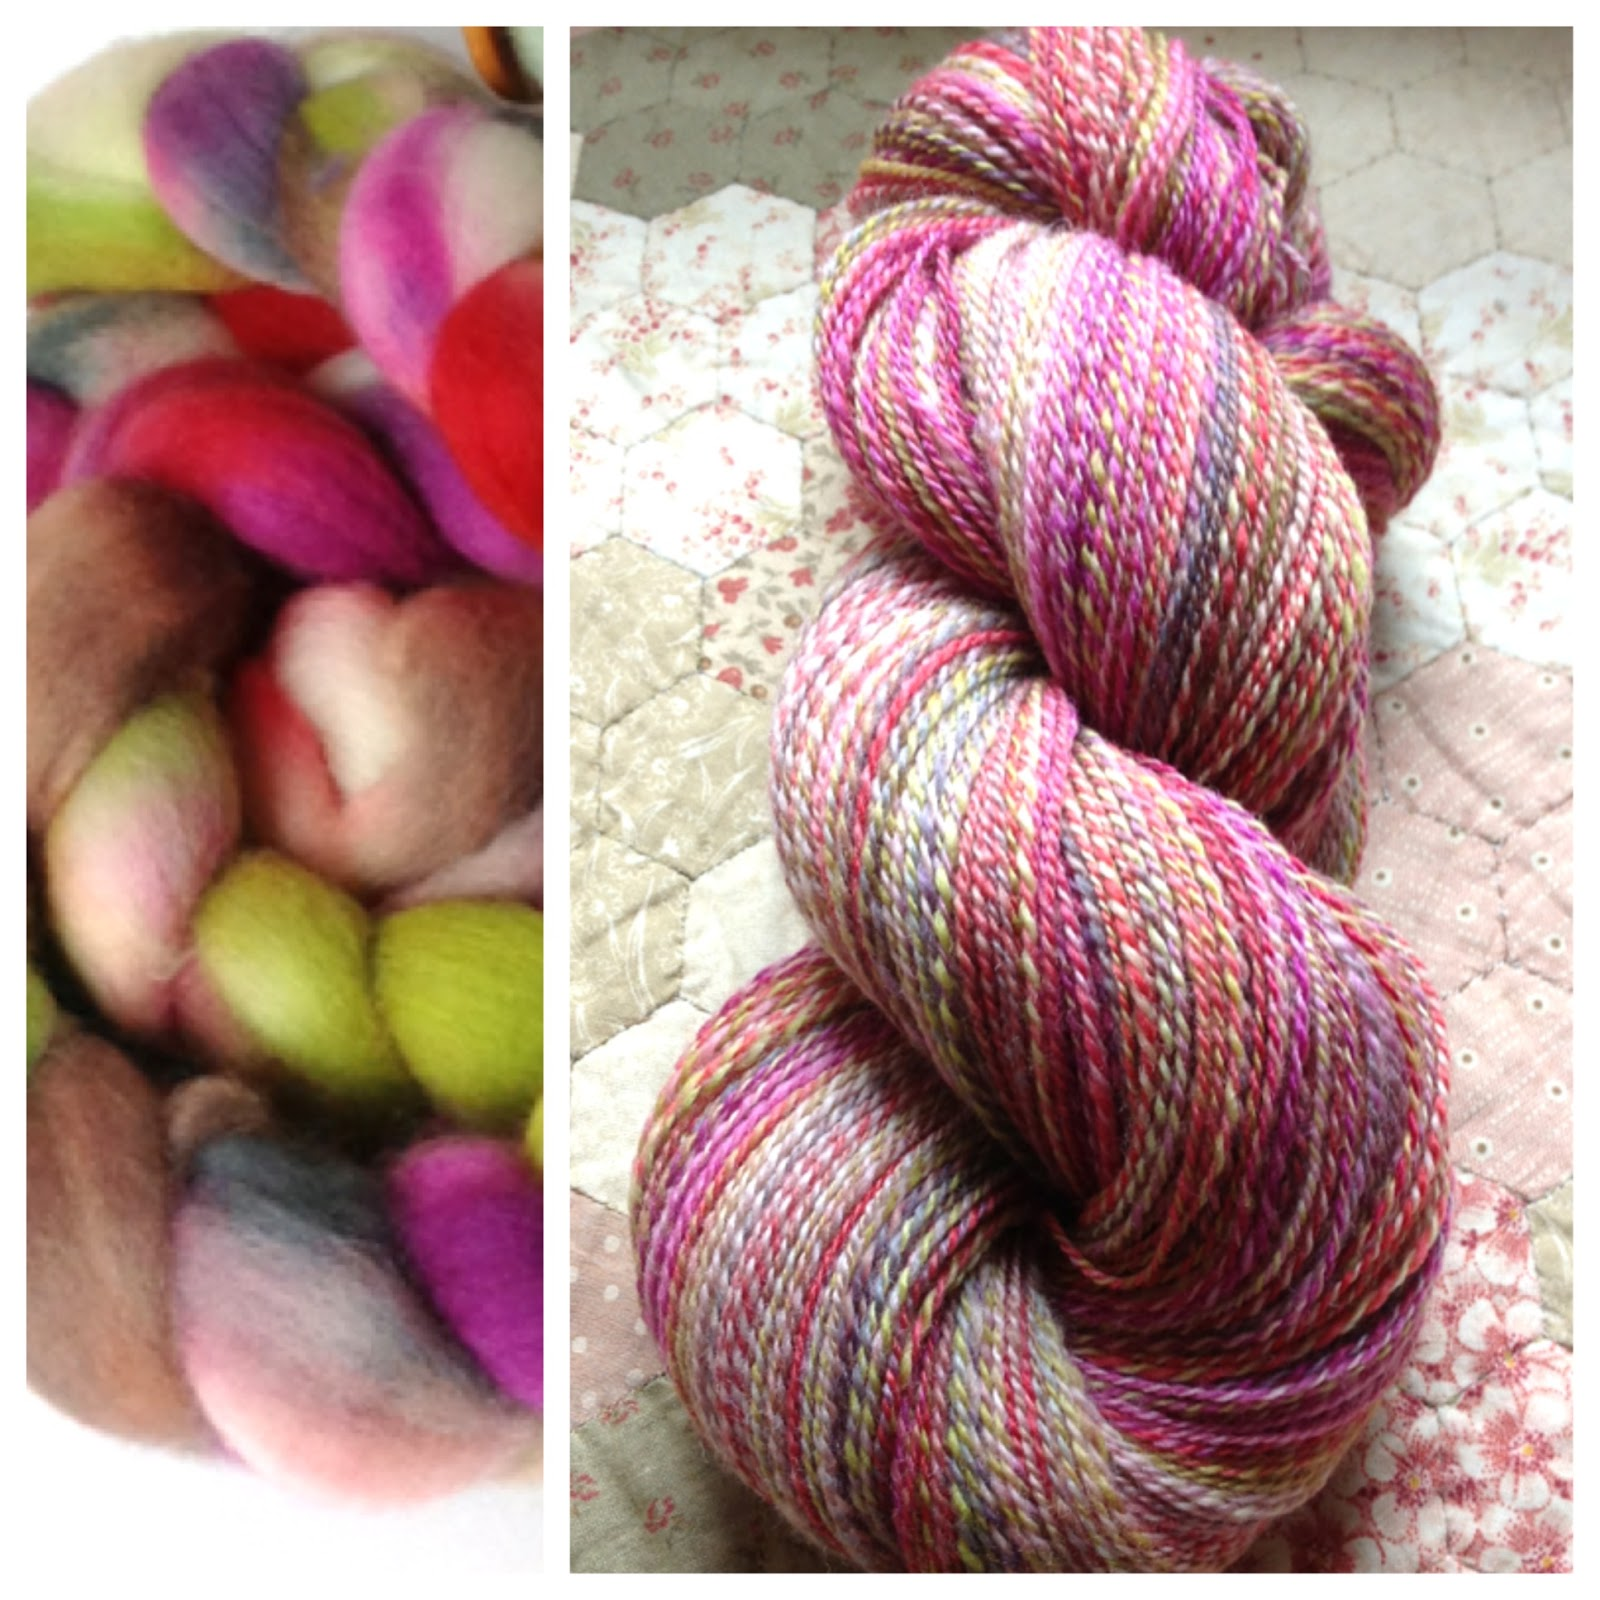 Knitting Handspun Wool : Littlebobbins knitting with handspun